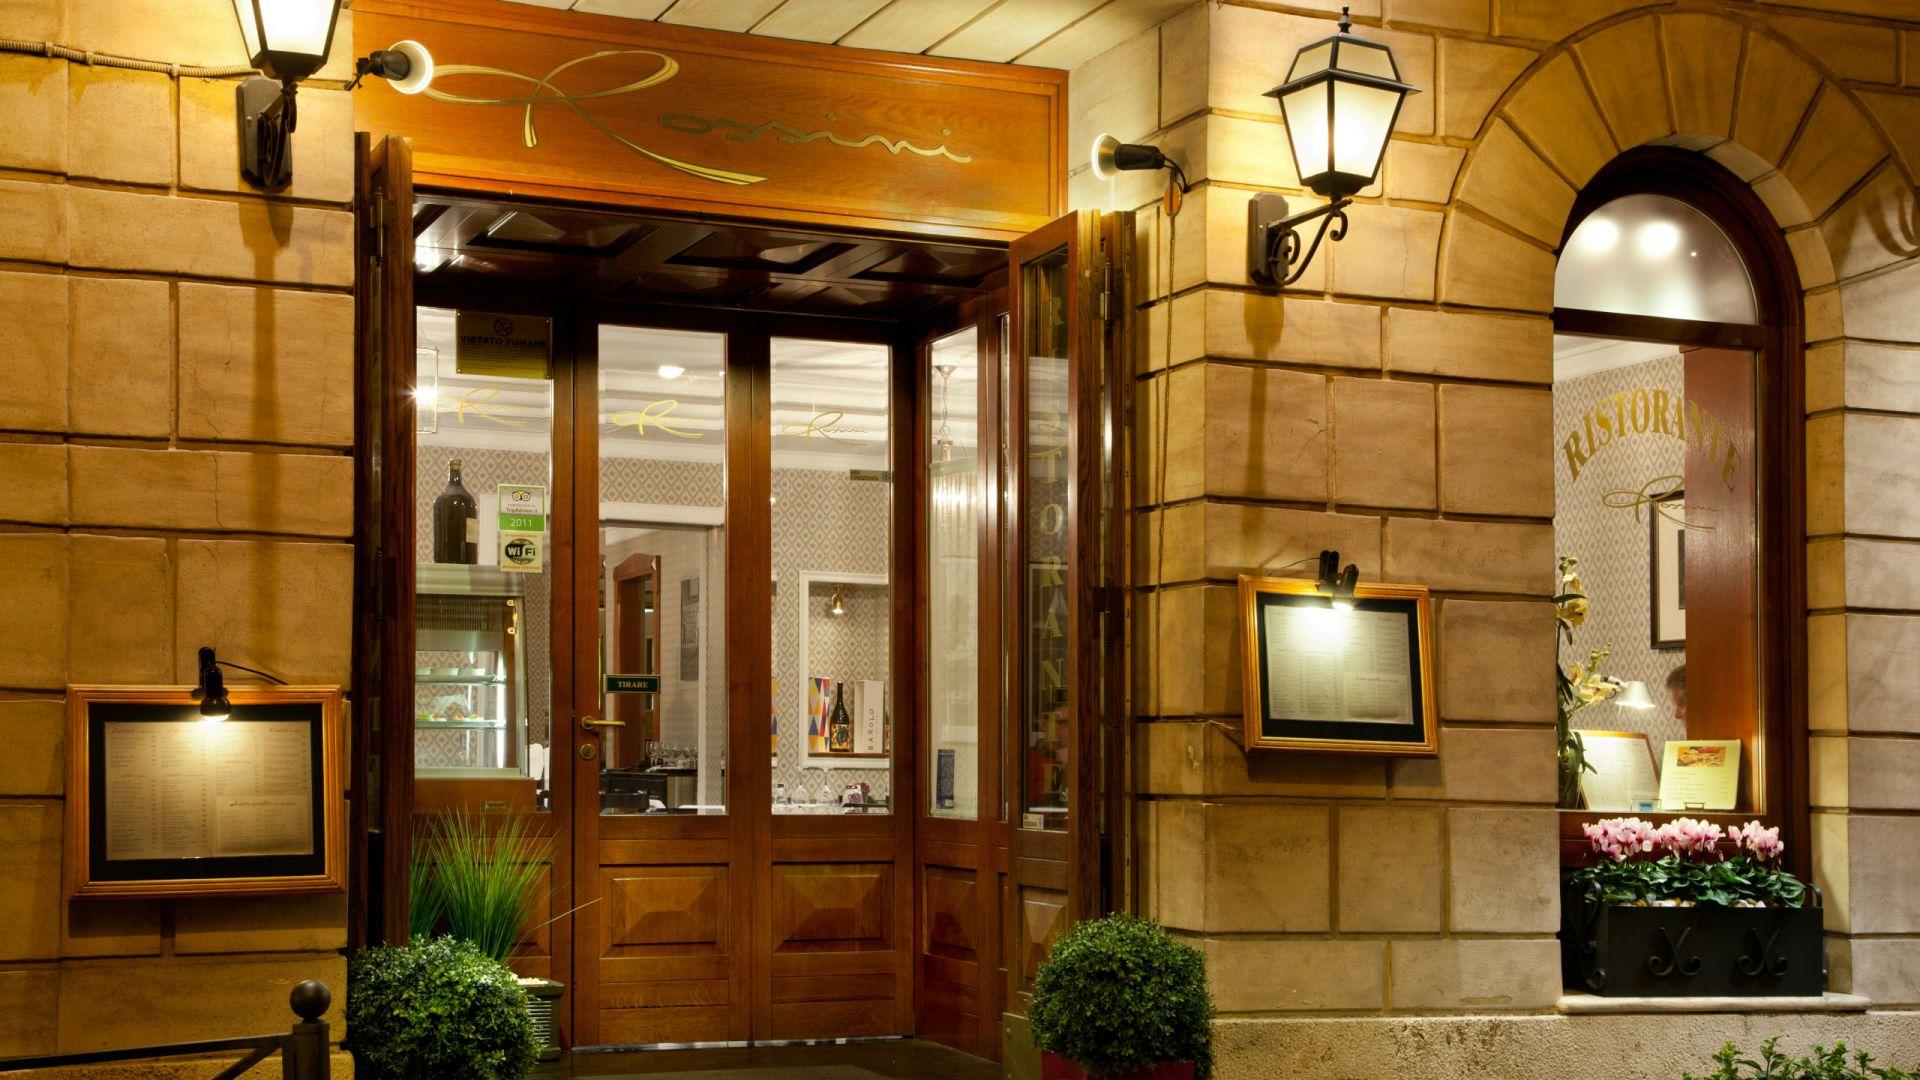 albergo-ottocento-roma-rossini-01